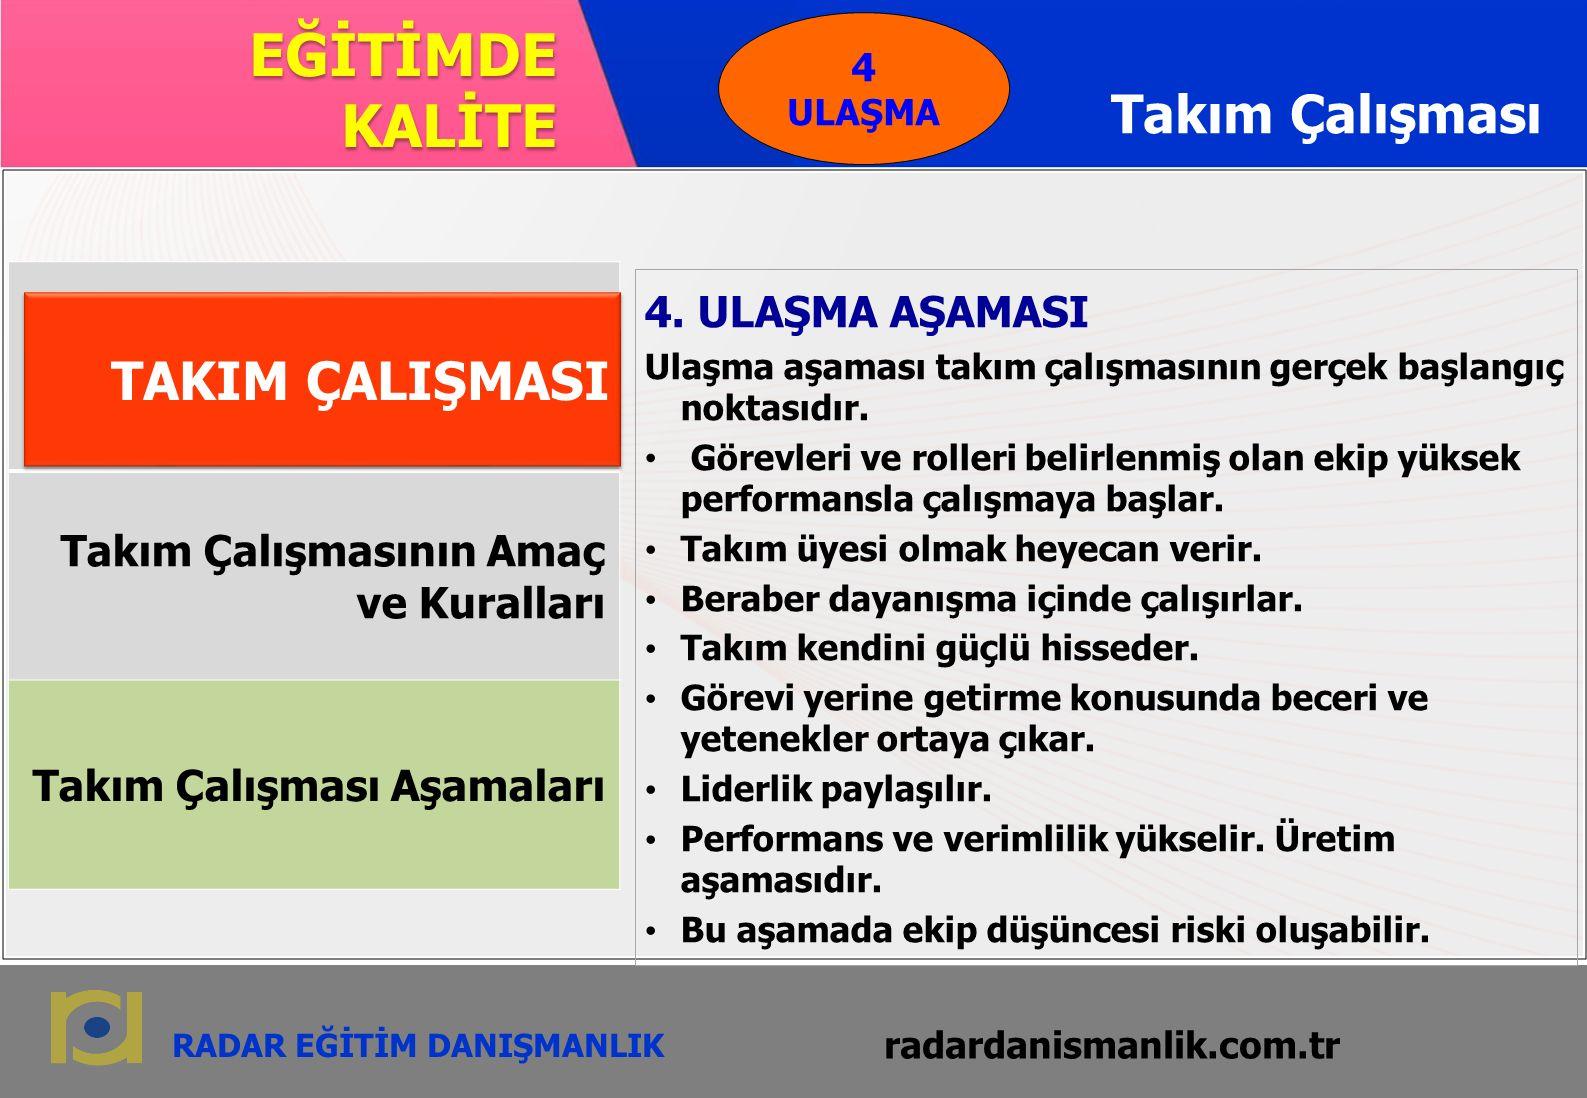 radardanismanlik.com.tr 13 RADAR EĞİTİM DANIŞMANLIK EĞİTİMDE KALİTE radardanismanlik.com.tr Takım Çalışması 4.